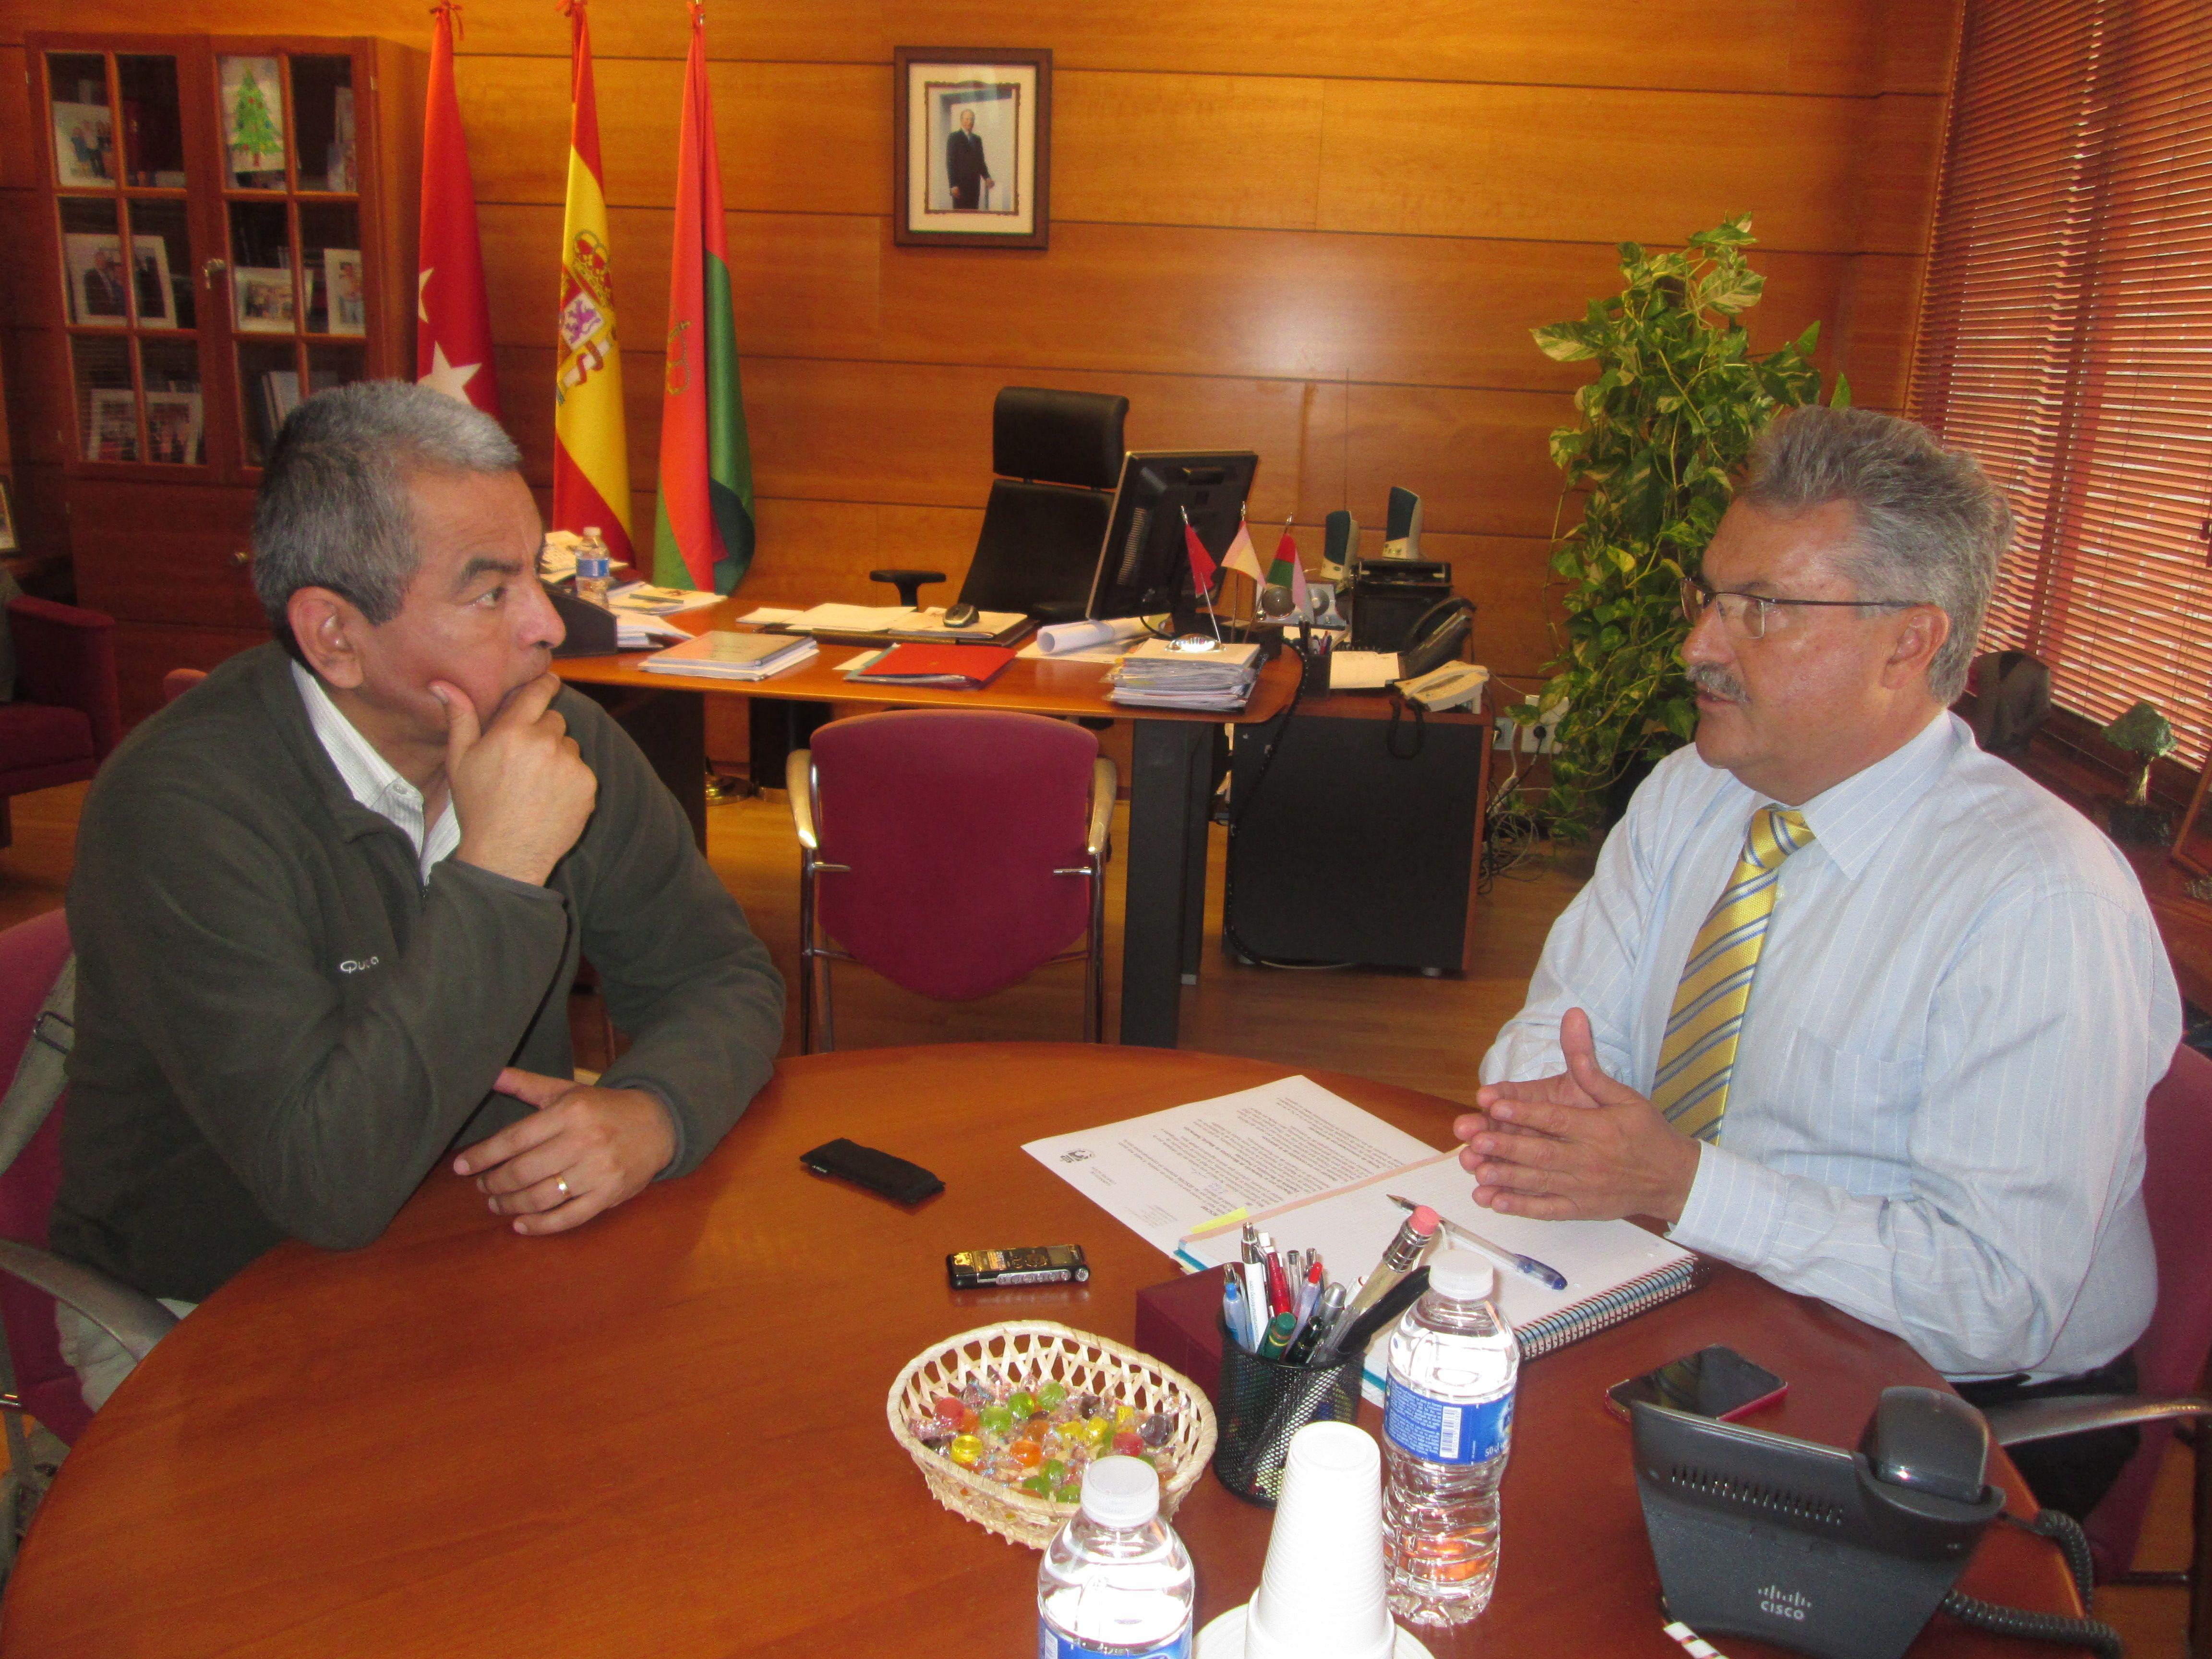 Entrevista con el alcalde de Coslada, Raúl López Vaquero.